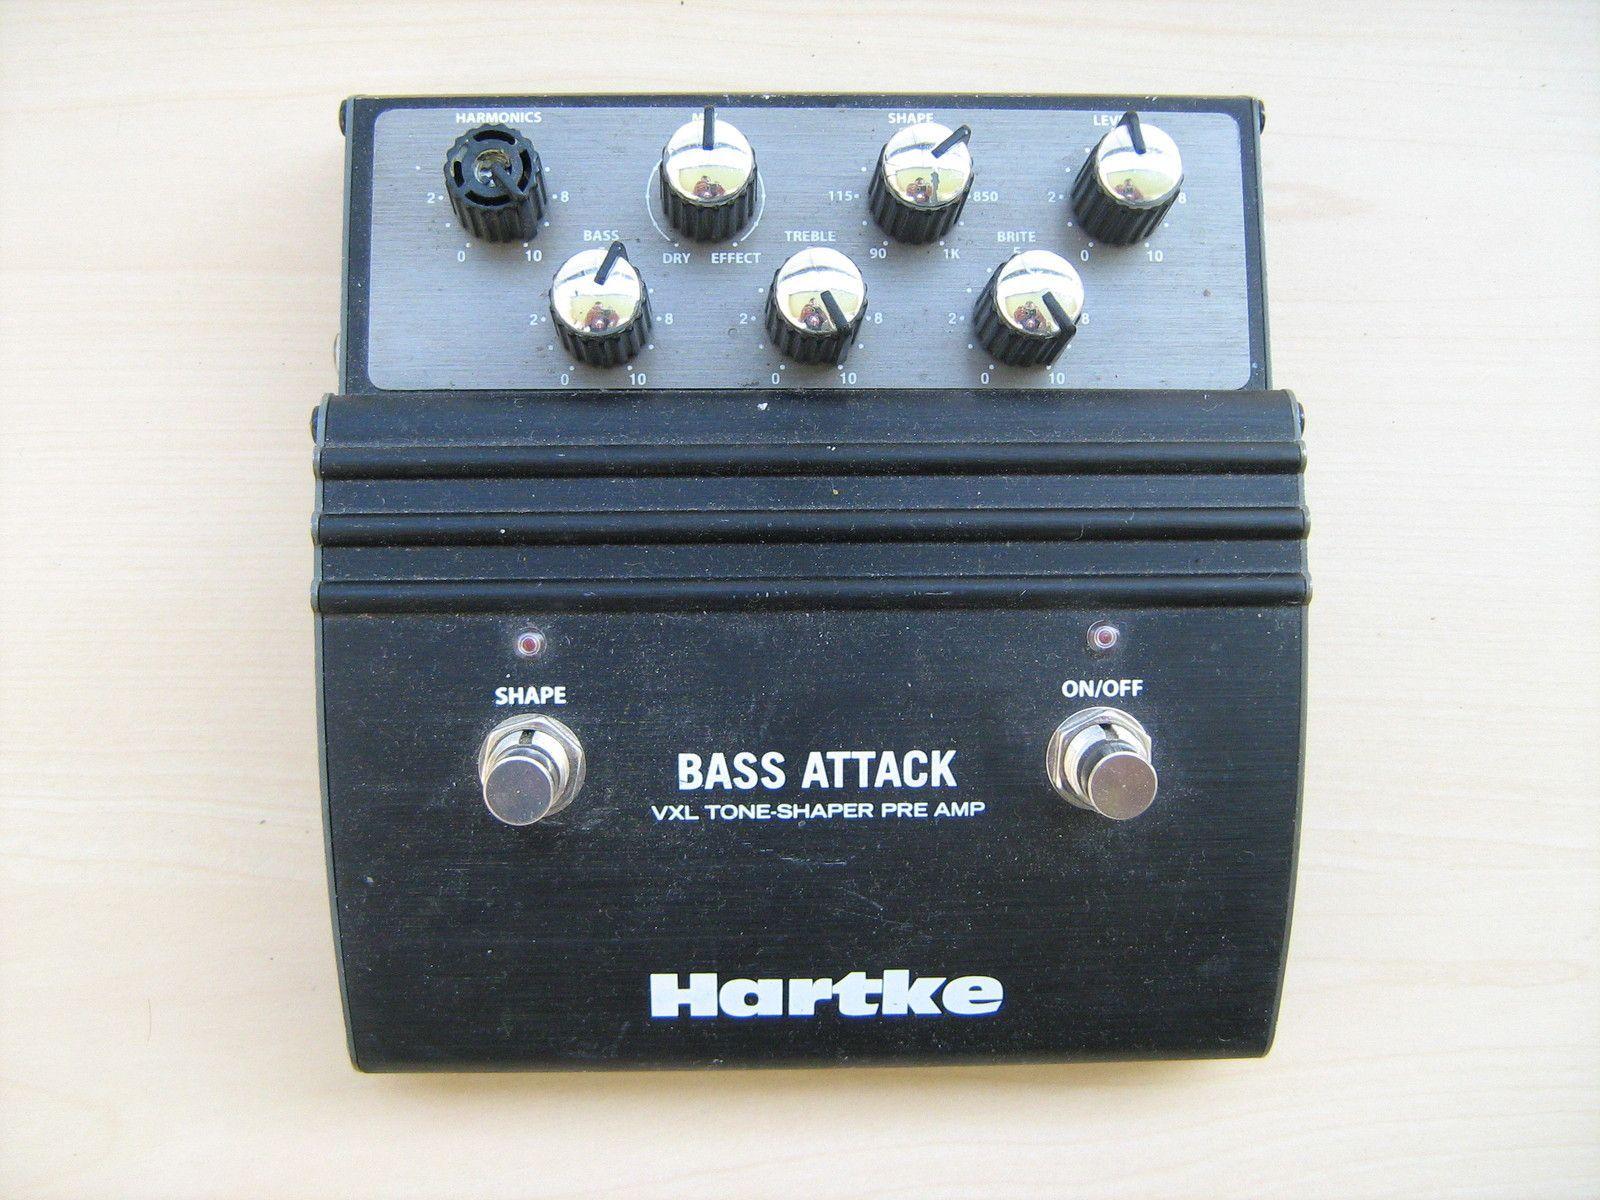 hartke vxl bass attack image 216139 audiofanzine. Black Bedroom Furniture Sets. Home Design Ideas